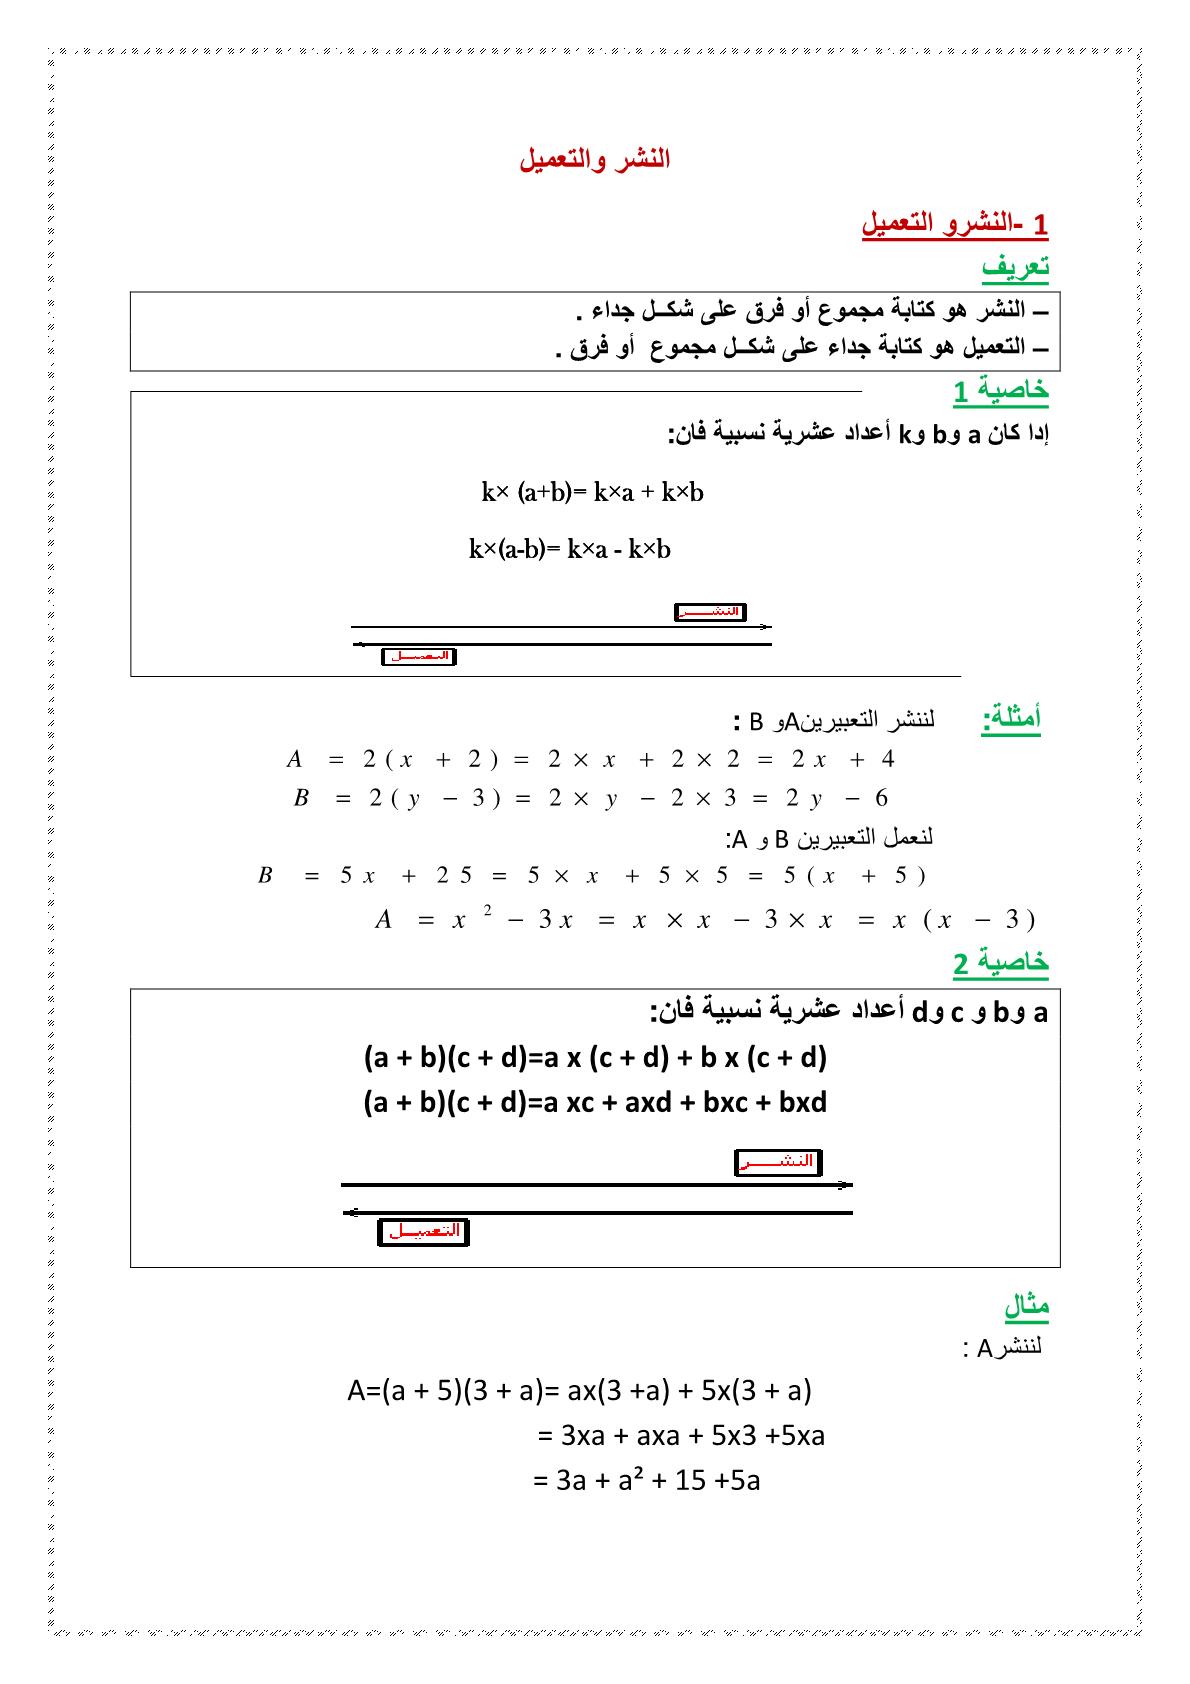 درس النشر والتعميل مادة الرياضيات للسنة الأولى إعدادي